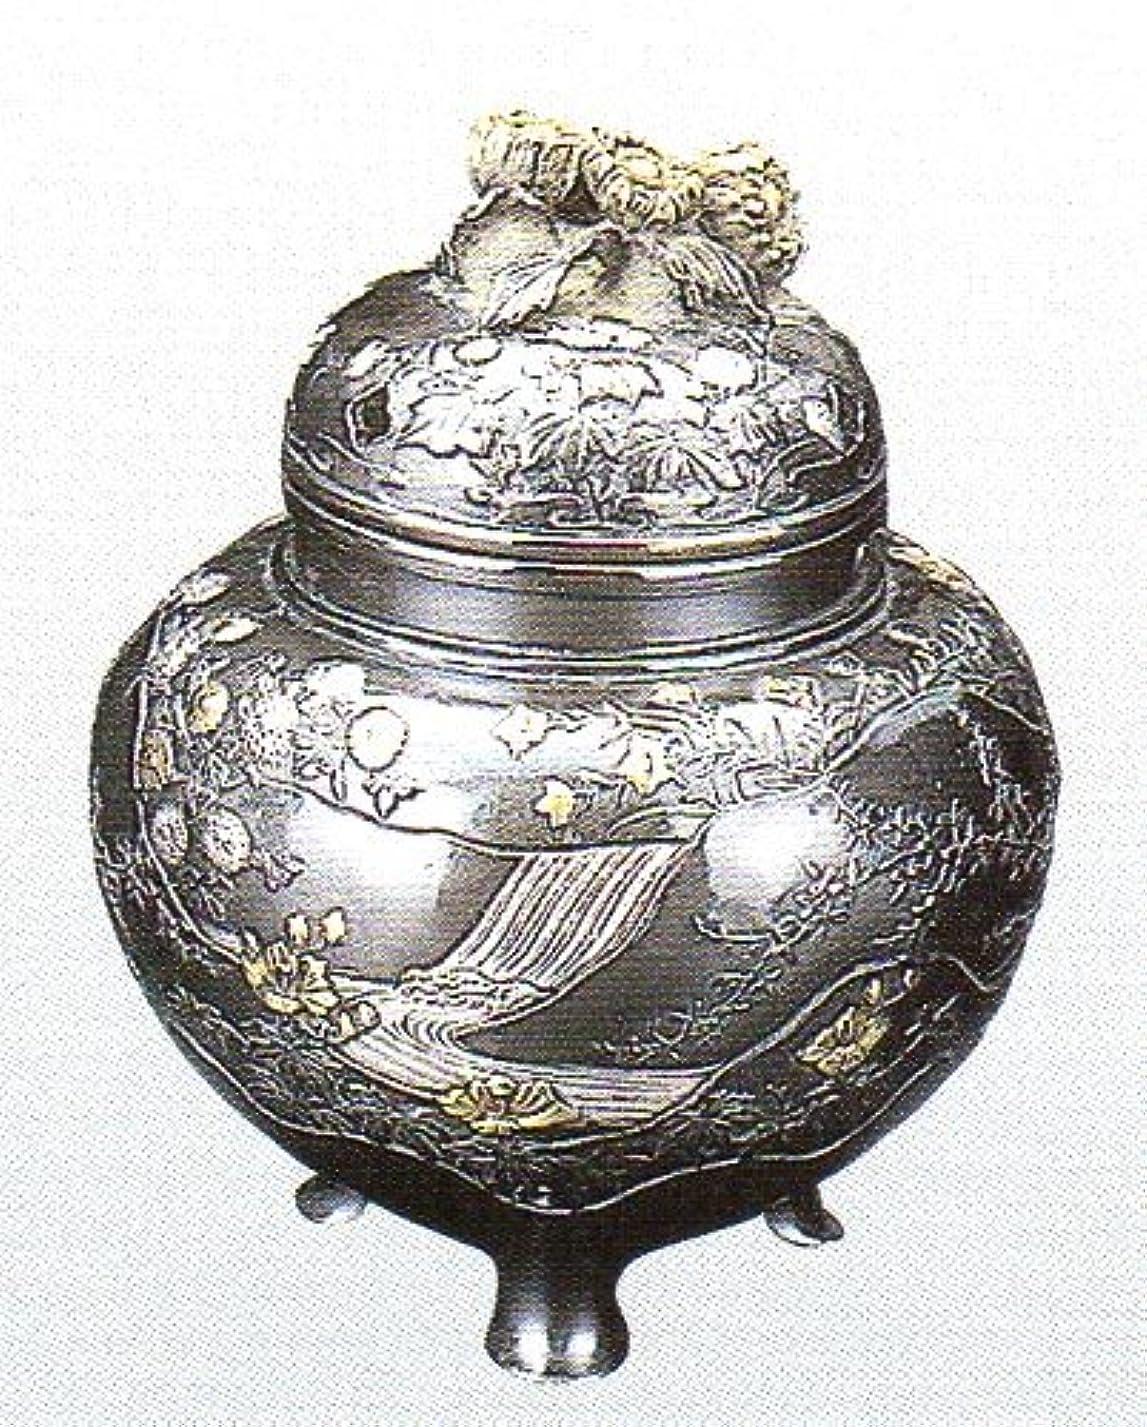 振動するタイルソビエト香炉 四季 蝋型青銅製 桐箱入 高さ10.2×幅9.2×奥行9.2cm